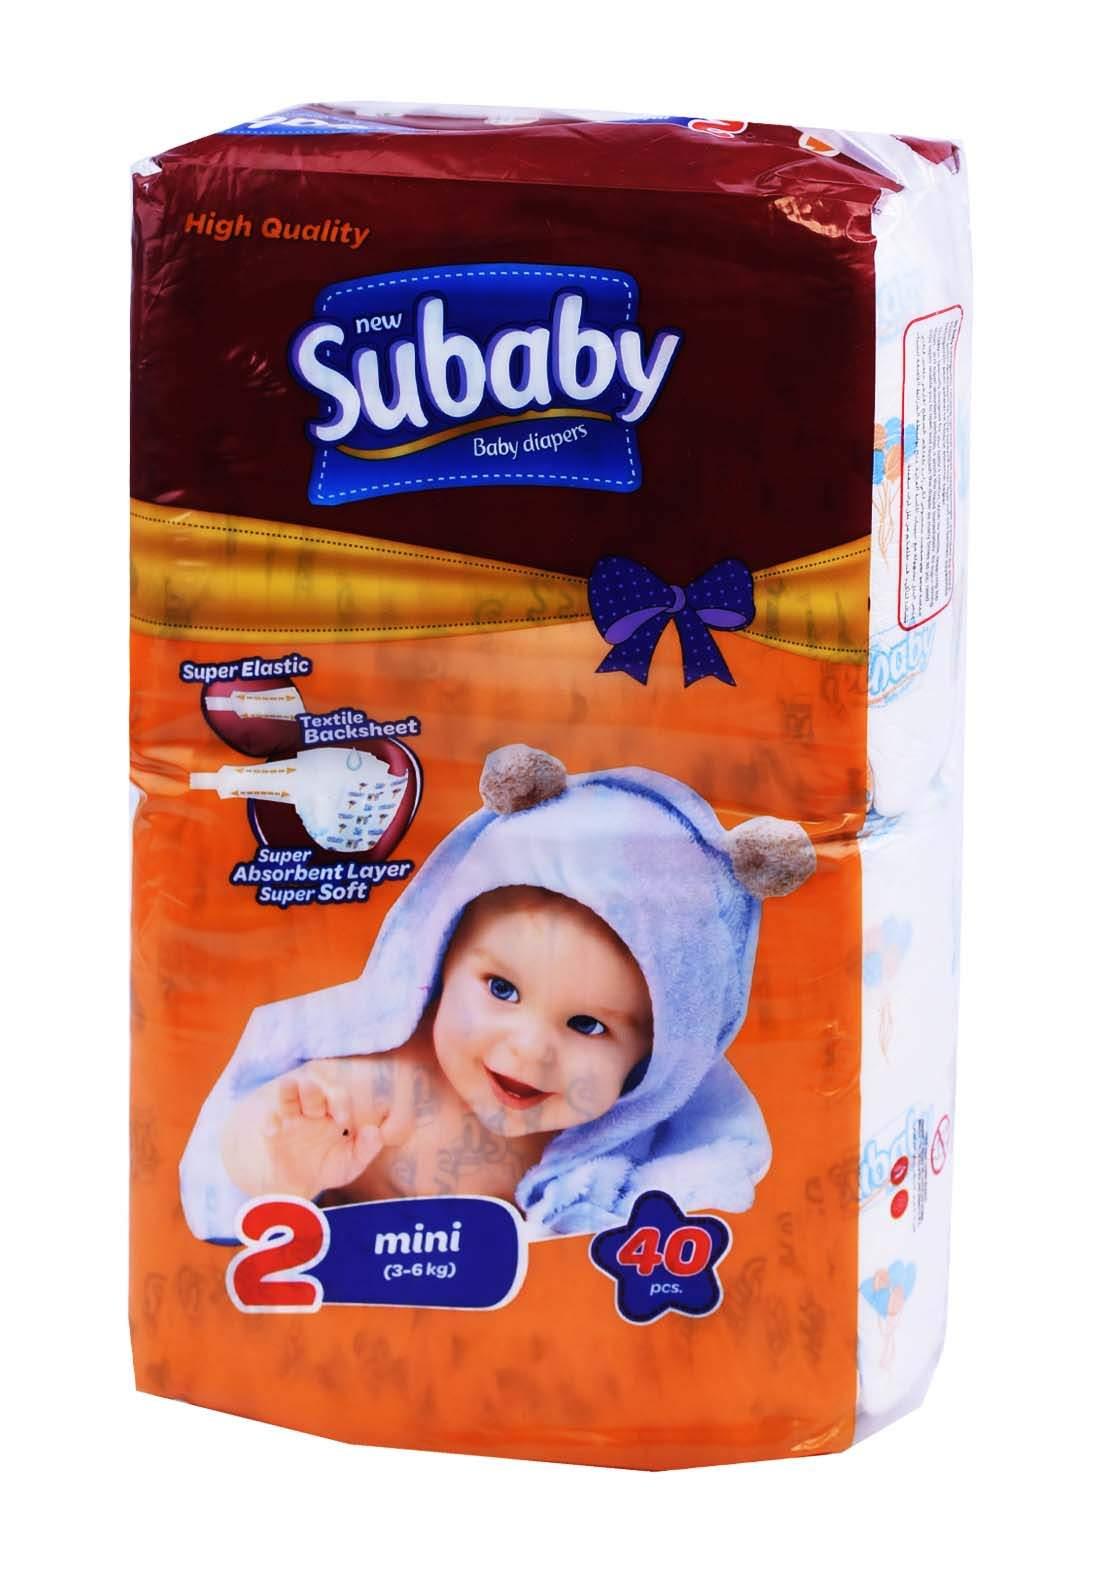 Subaaby 3-6 kg 40 Pcs حفاضات سو بيبي للاطفال رقم 2 عادي